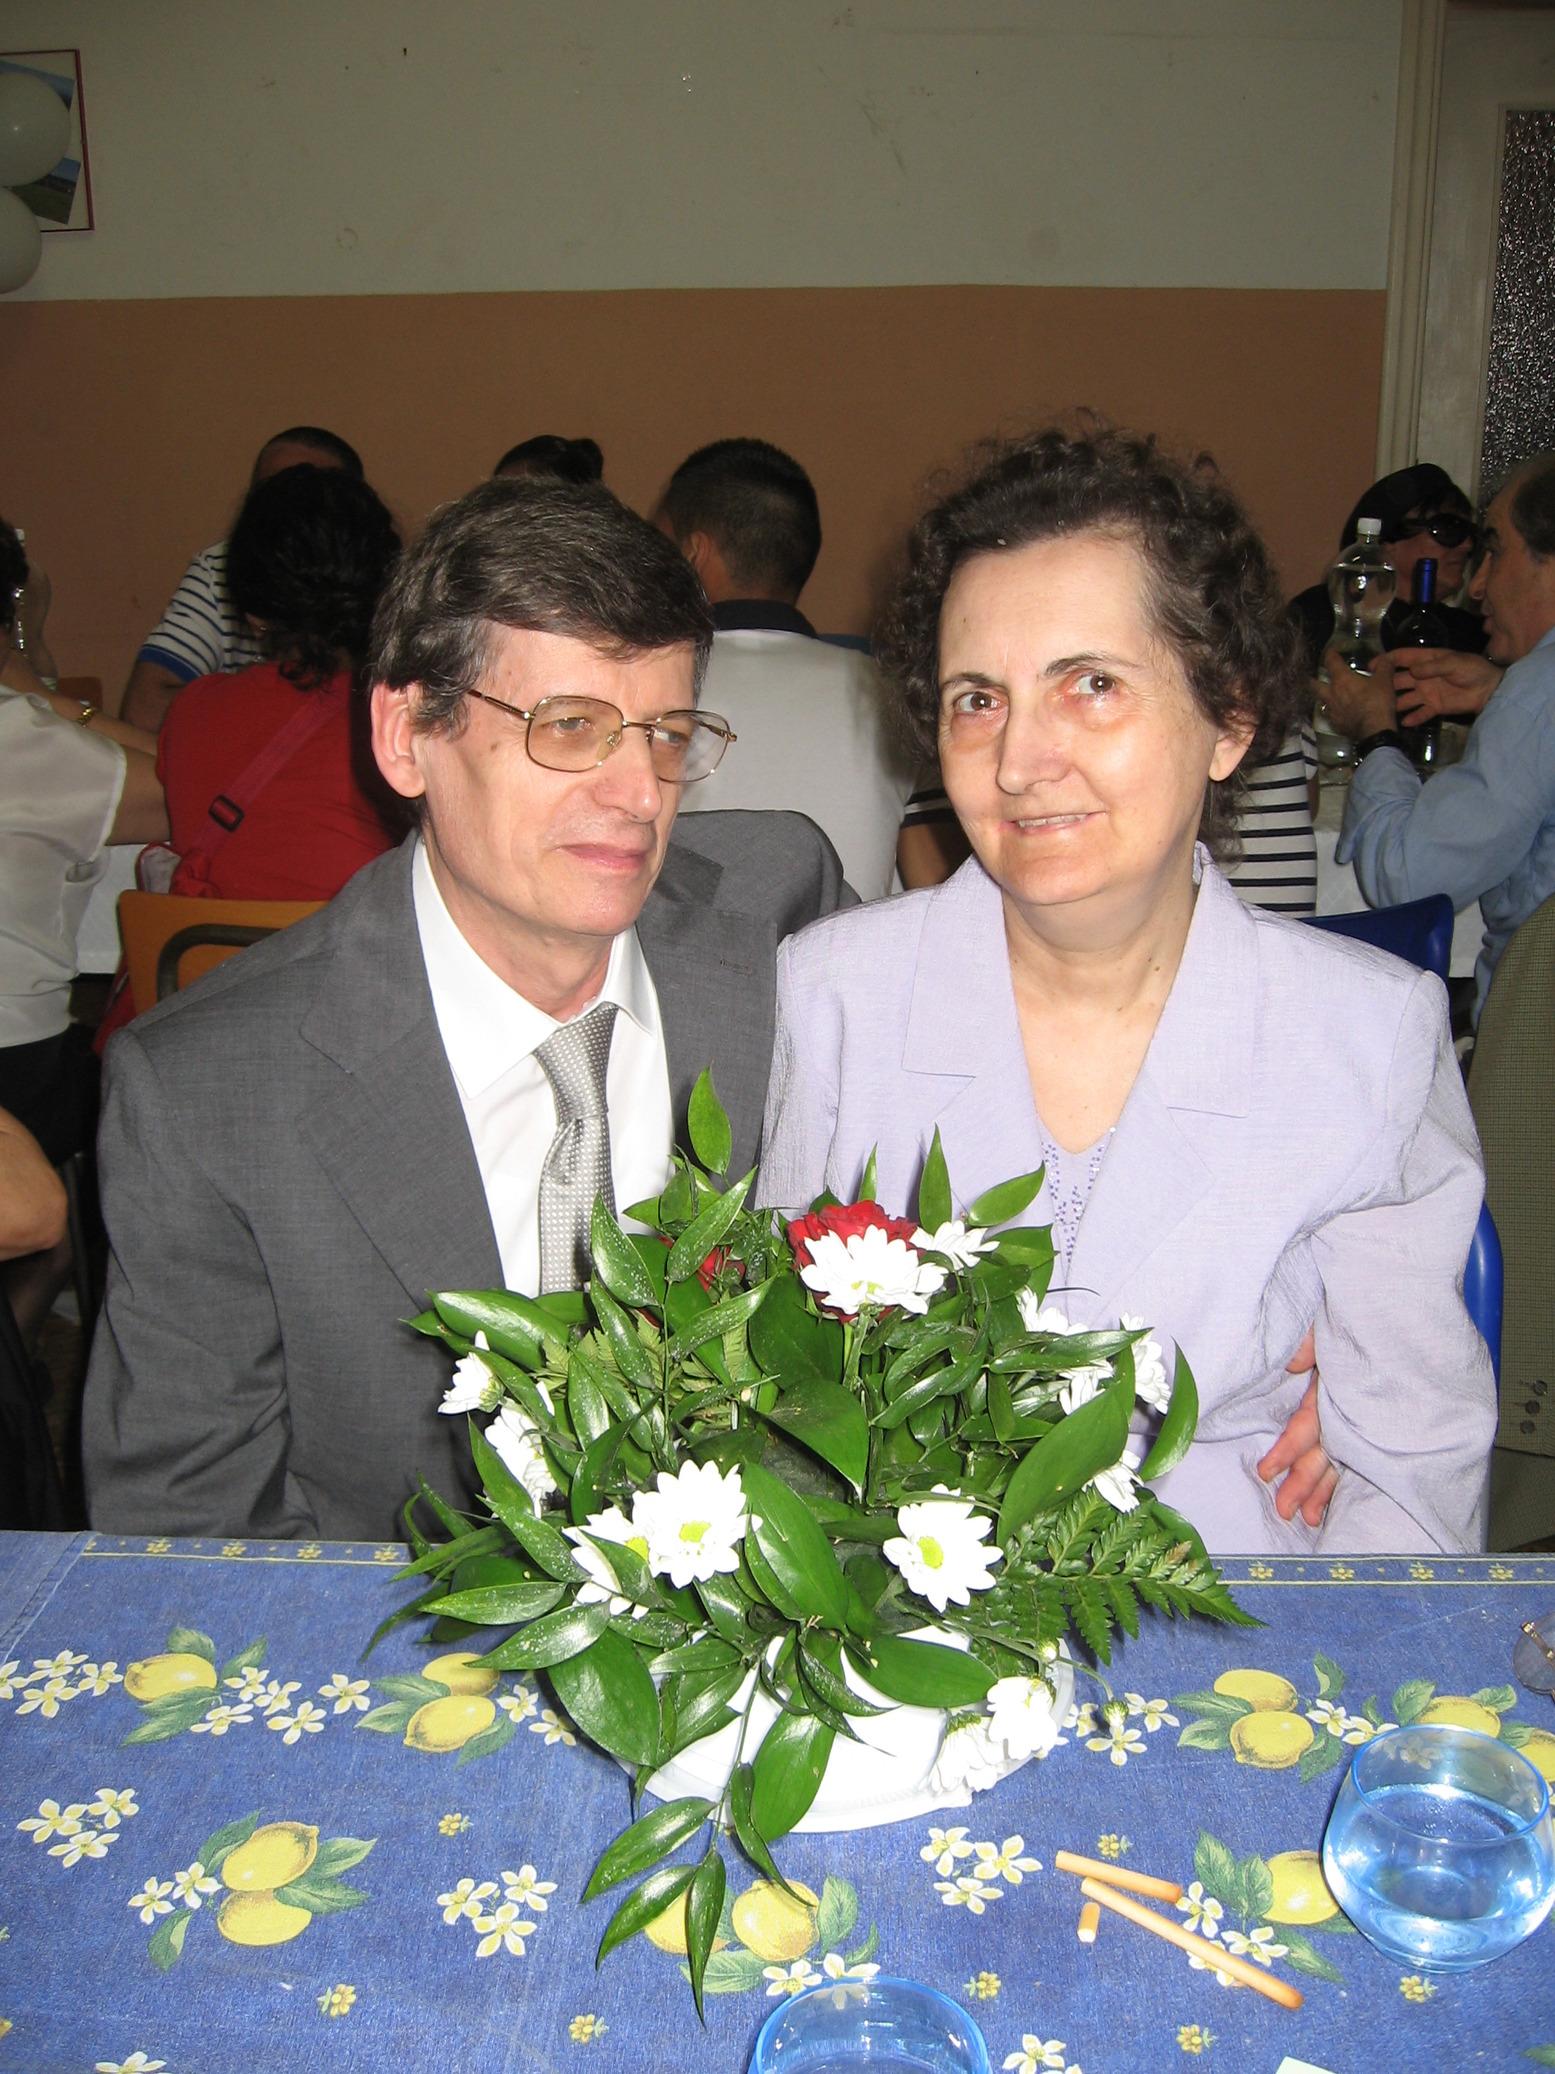 Anniversari_Matrimonio_2010-06-13--13.55.44